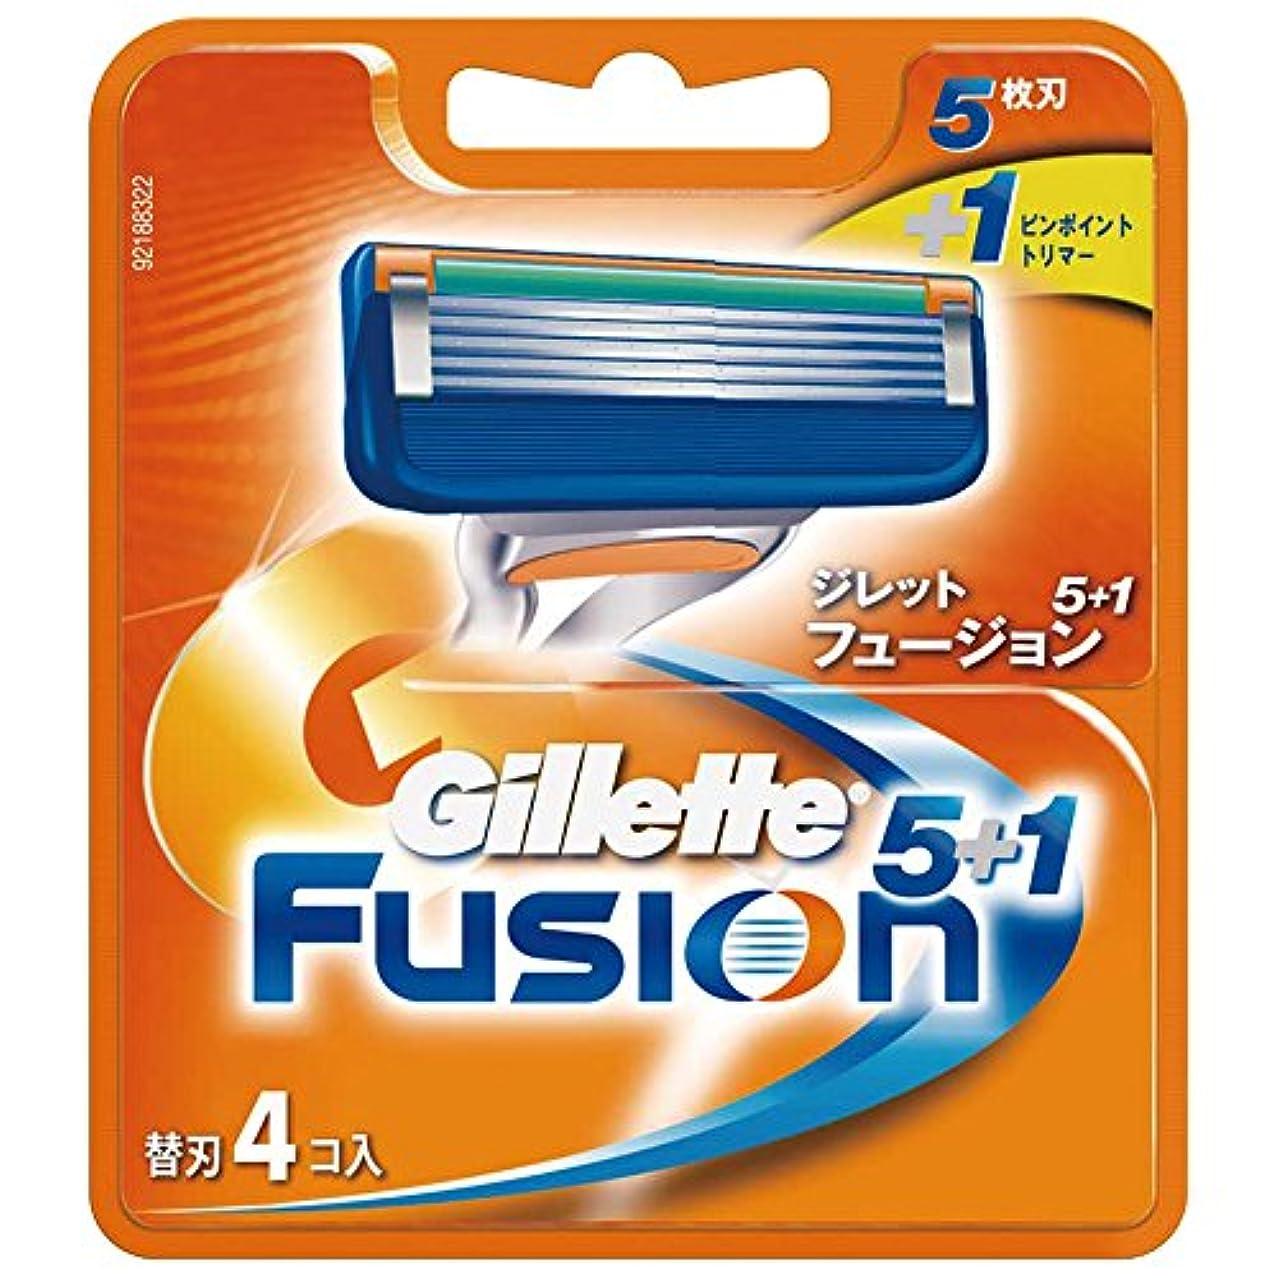 擁する最後にスカープジレット 髭剃り フュージョン5+1 替刃4個入